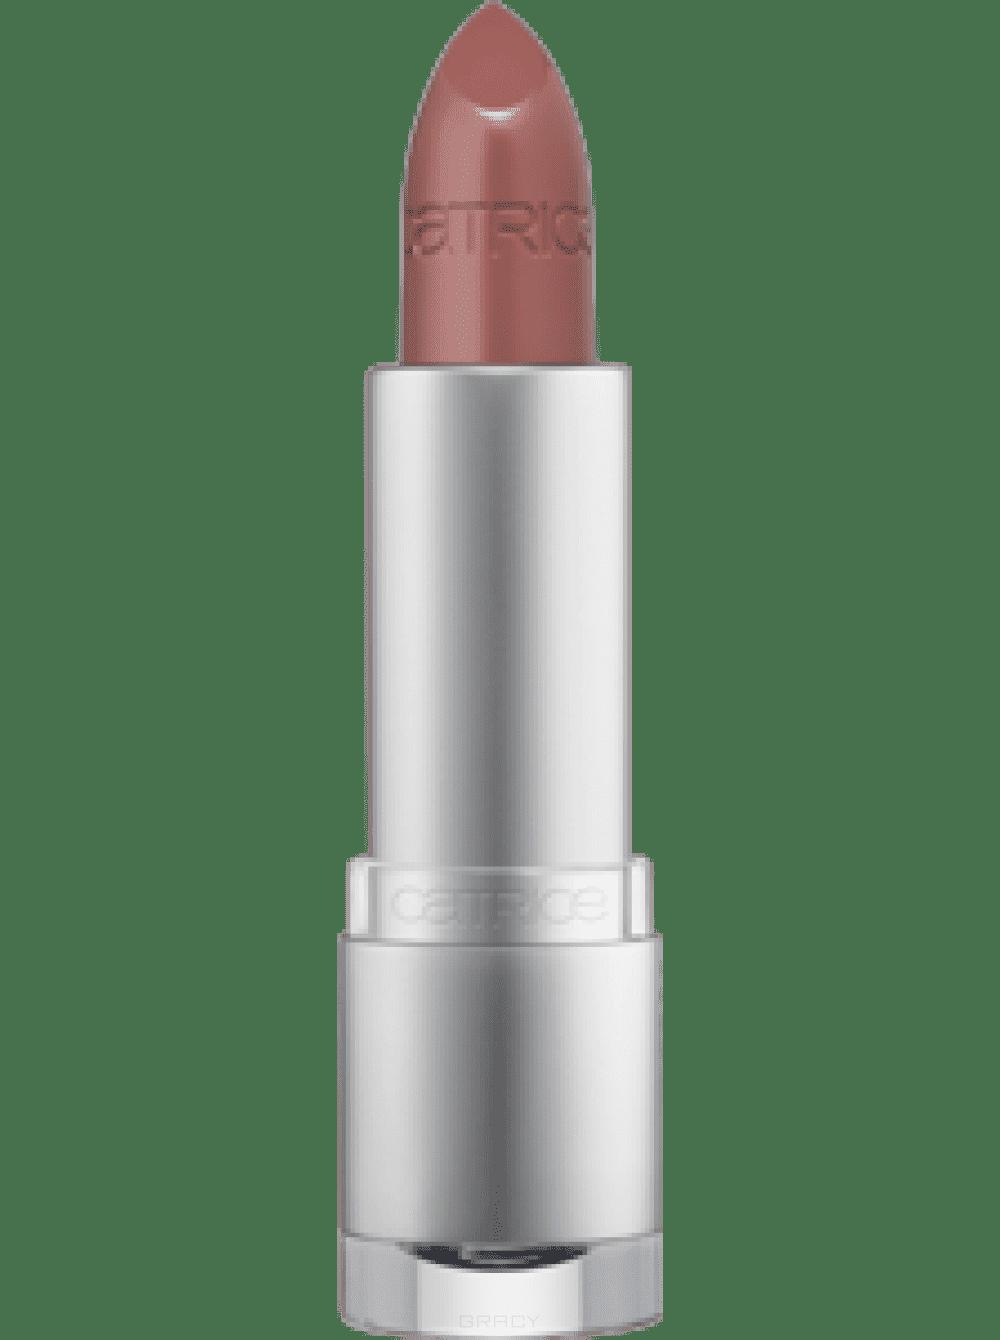 Губная помада Luminous Lips Lipstick Let s Go Brown-Town, тон 020 молочный шоколад, 3,5 гБлагодаря уникальному составу, в который входит гиалуроновая кислота, губная помада из линейки Luminous Lips от Catrice поможет сделать губы более соблазнительными и визуально увеличить их.&#13;<br> &#13;<br> У помады мягкая текстура, благодаря которой она практически не ощущается на губах, и сияющий полупрозрачный финиш.&#13;<br> &#13;<br> В линейке представлено 14 оттенков: от женственных розовых и нежных пастельных оттенков до ярко-розового и, конечно же, классического красного.&#13;<br> &#13;<br> Особенности:&#13;<br> - Помада с интенсивным сиянием и уходовыми компонентами.&#13;<br> - Содержит гиалуроновую кислоту.&#13;<br> - Визуально увеличивает объем губ.&#13;<br> &#13;<br> Состав: &#13;<br>Bis-diglyceryl Polyacyladipate-2, Polybutene, Octyldodecanol, Bis-behenyl/isostearyl/phytosteryl Dimer Dilinoleyl Dimer Dilinoleate, Polyethylene, Caprylic/capric Triglyceride, Diisostearyl Malate, Cera Microcristallina (microcrystalline Wax), Pentaerythrityl Tetraisostearate, Octyldodecyl Stearoyl Stearate, Sodium Hyaluronate, Diethylhexyl Syringylidenemalonate, Ethylhexyl ...<br>